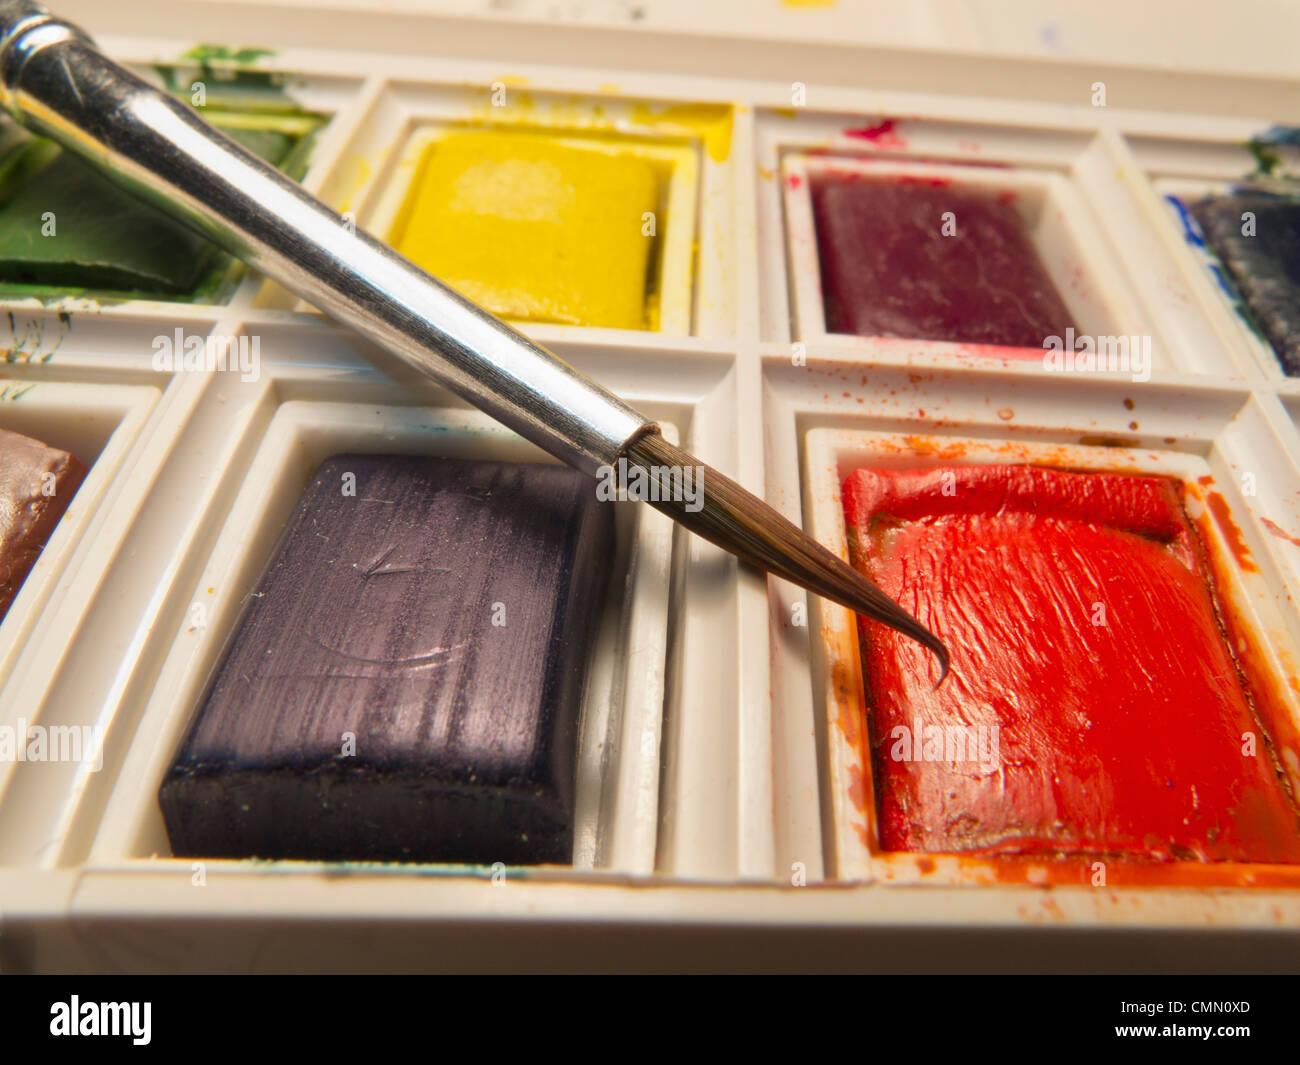 Primo piano della spazzola in bilico sopra compressa di rosso il colore dell'acqua in una scatola di vernice. Immagini Stock